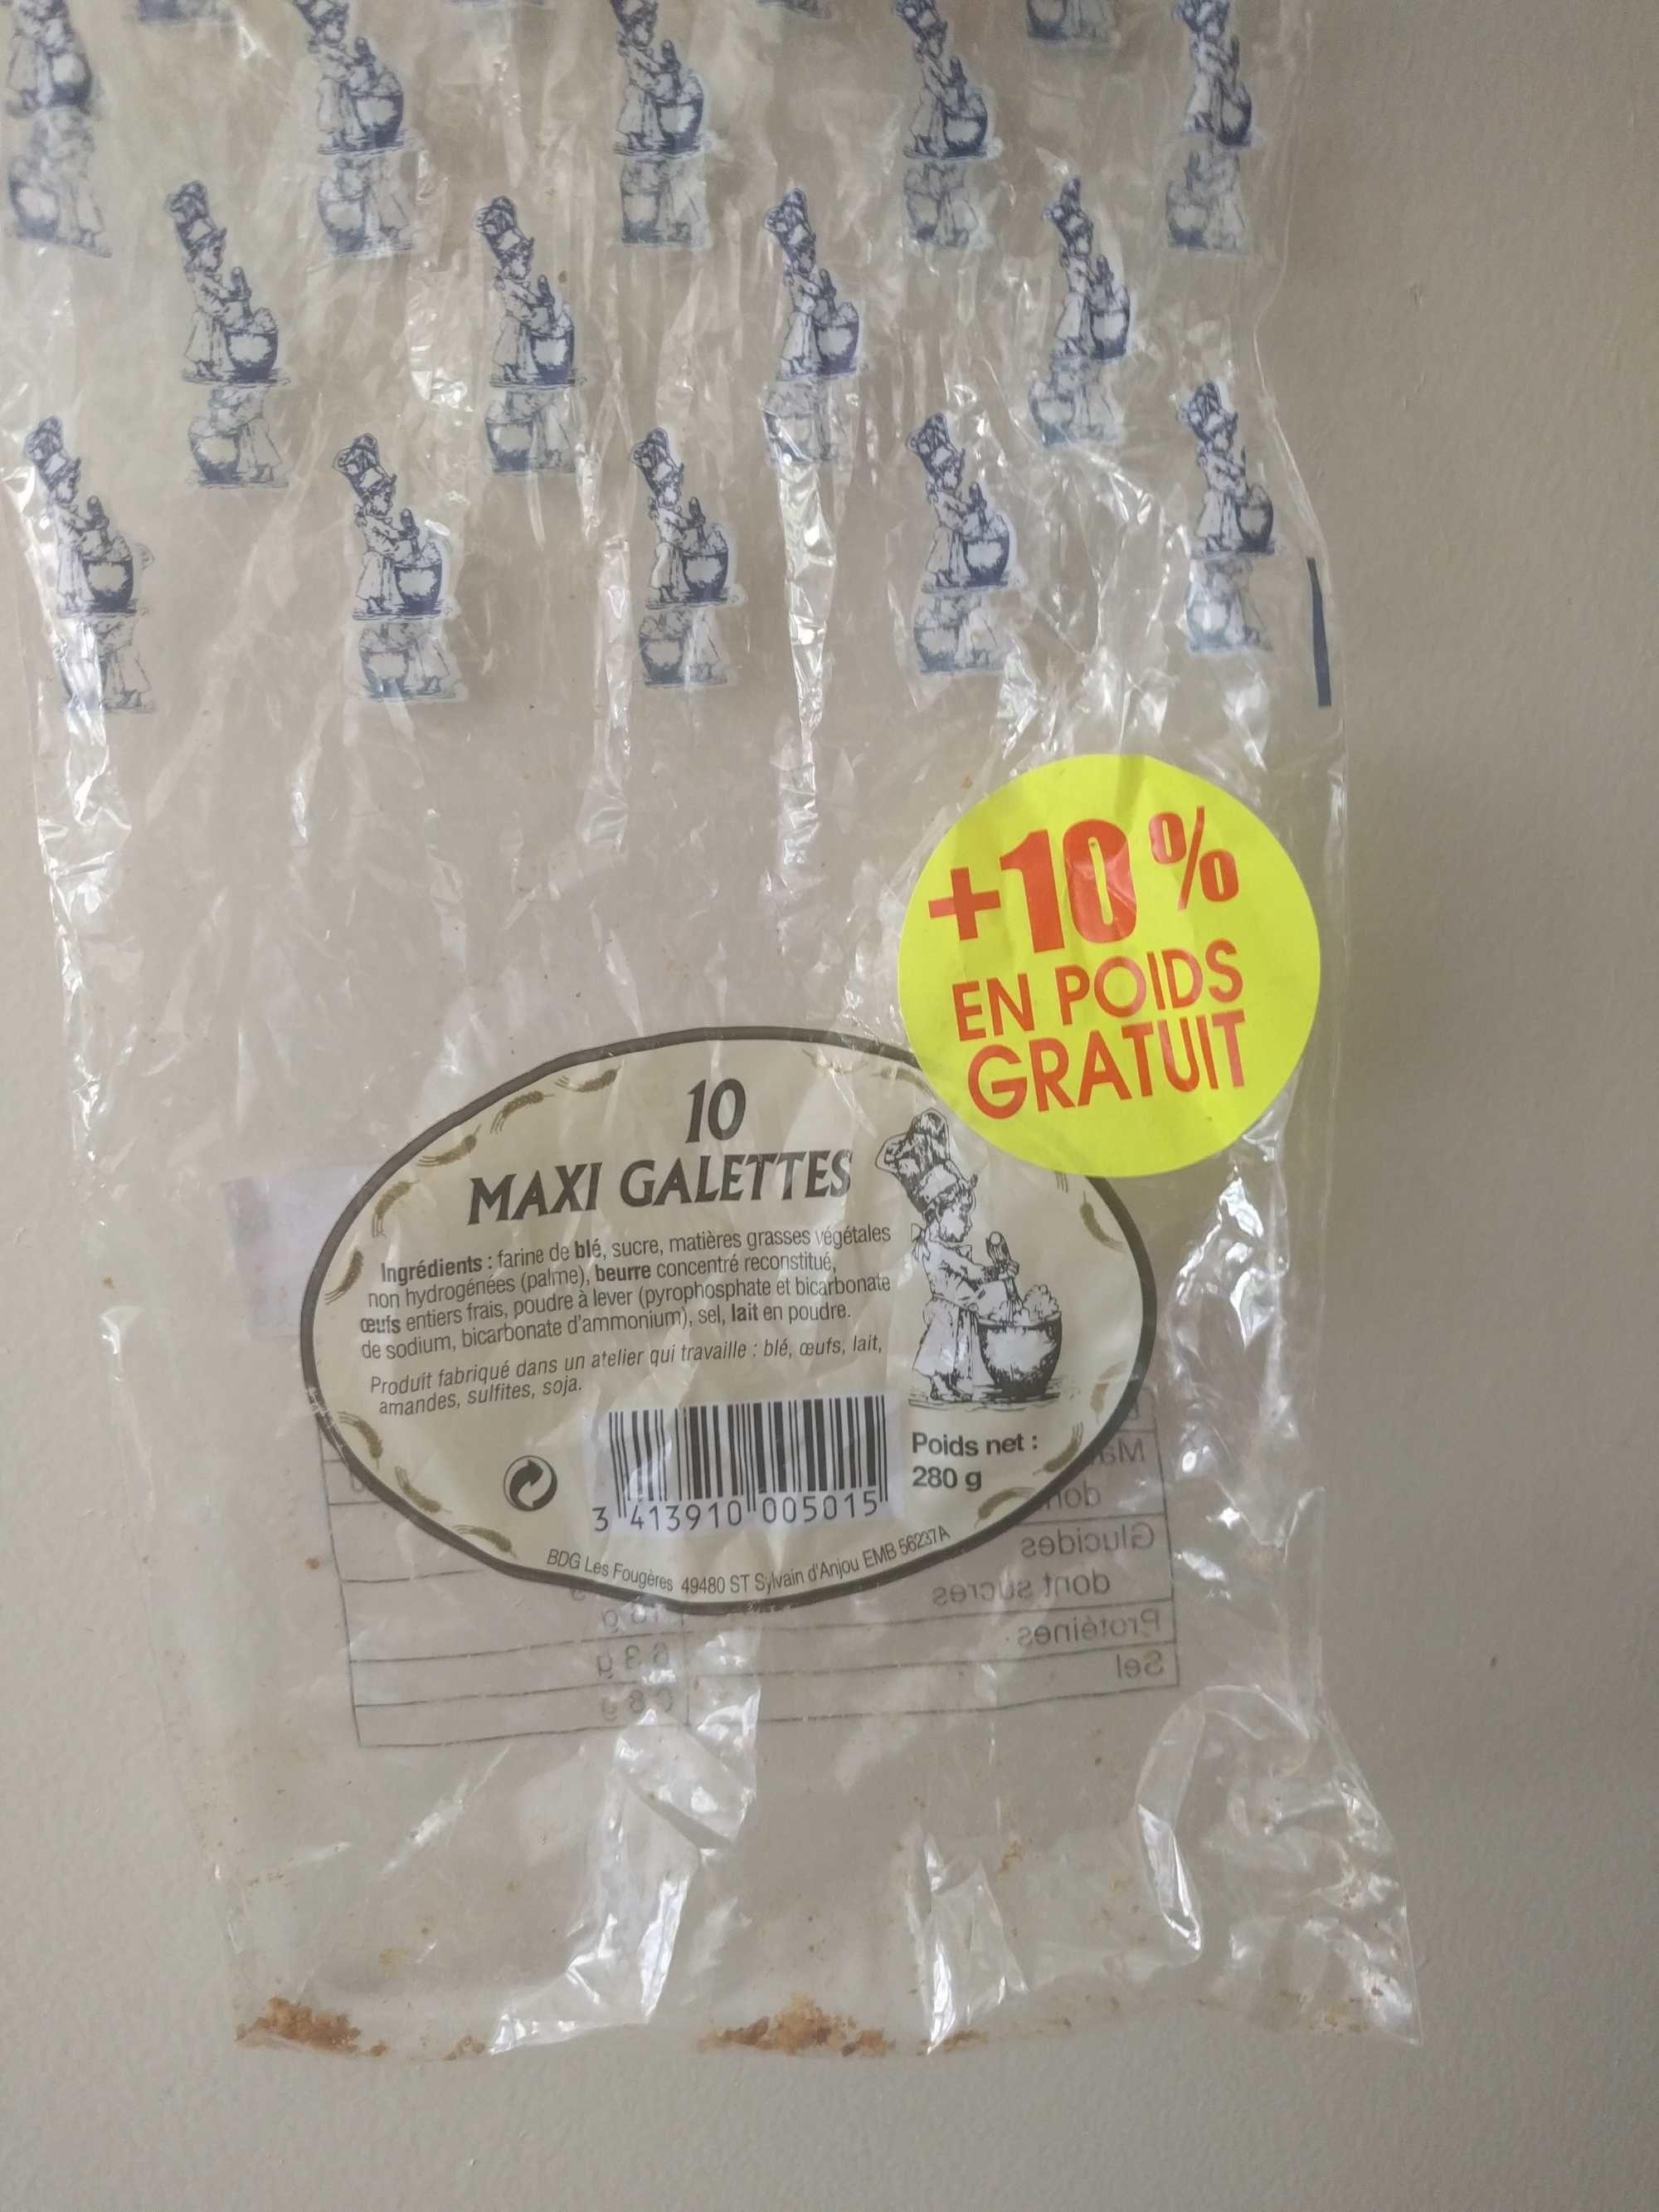 Maxi Galettes - Produit - fr